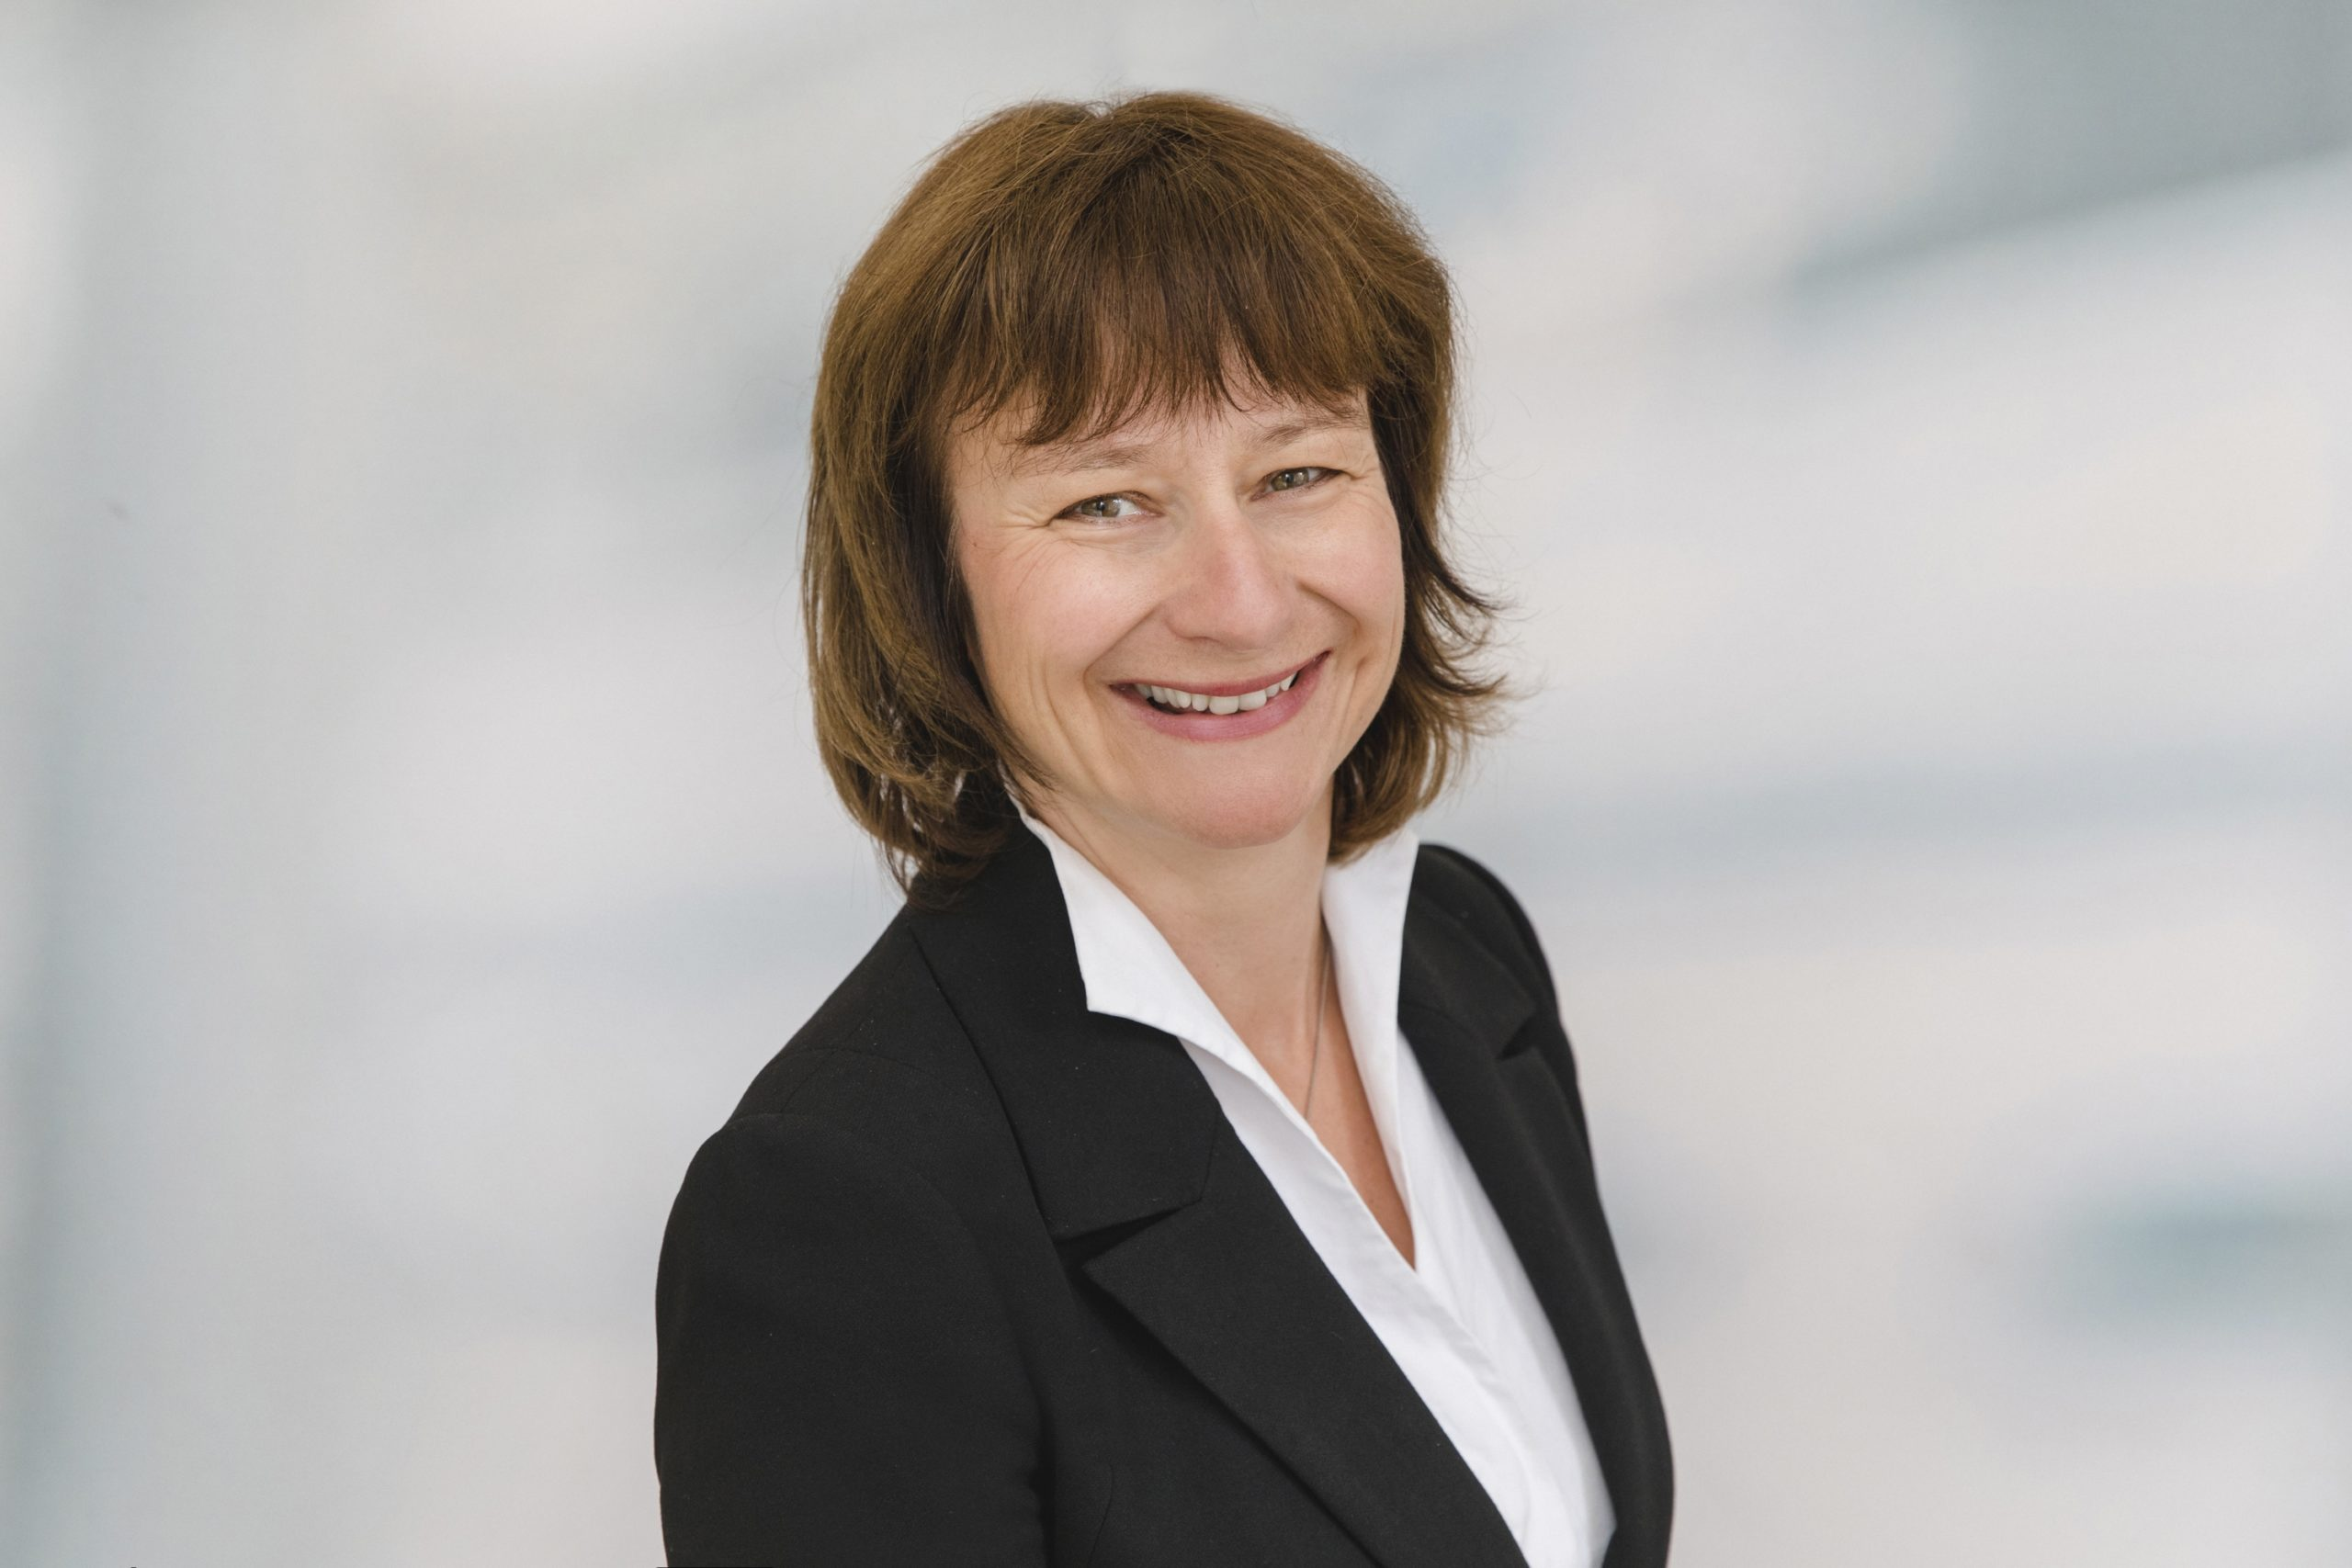 Simone Goclik